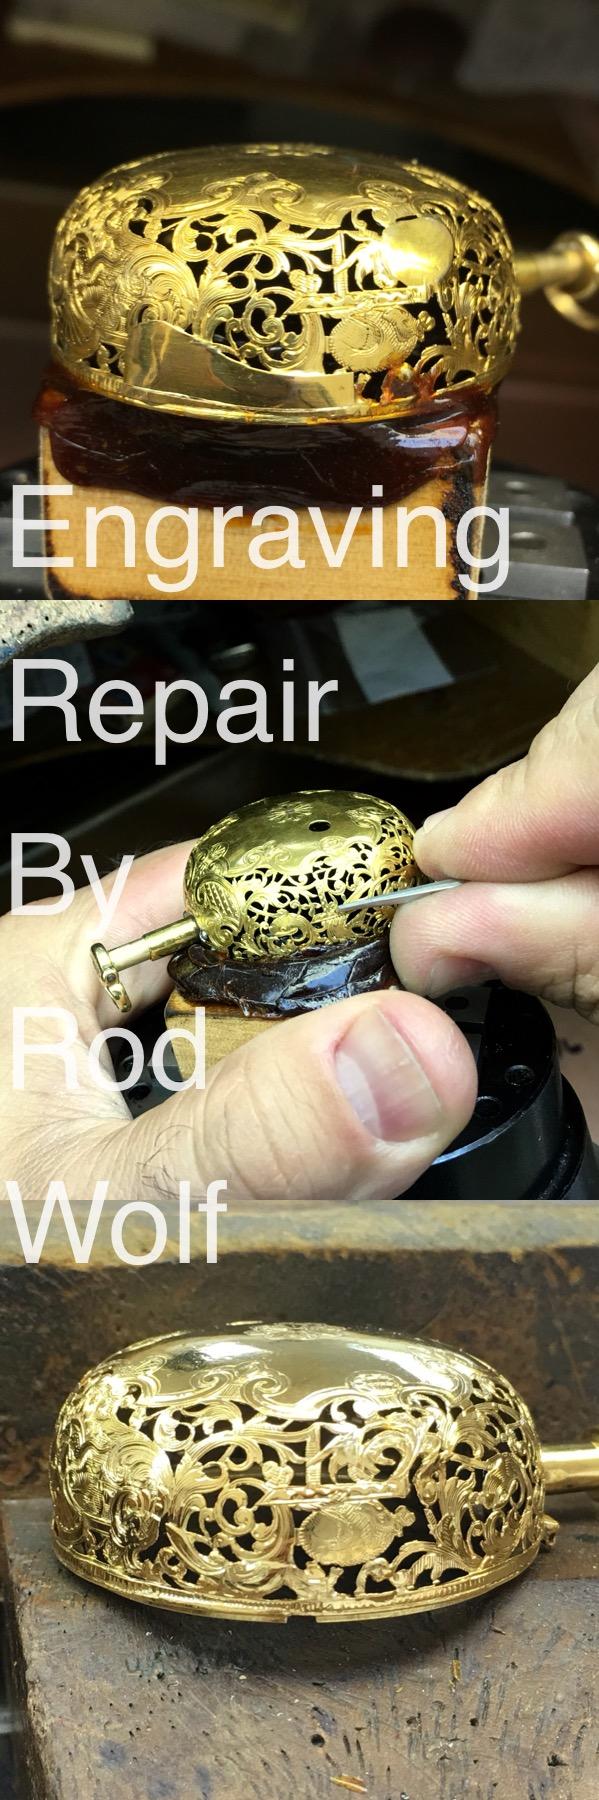 engraving repair.JPG